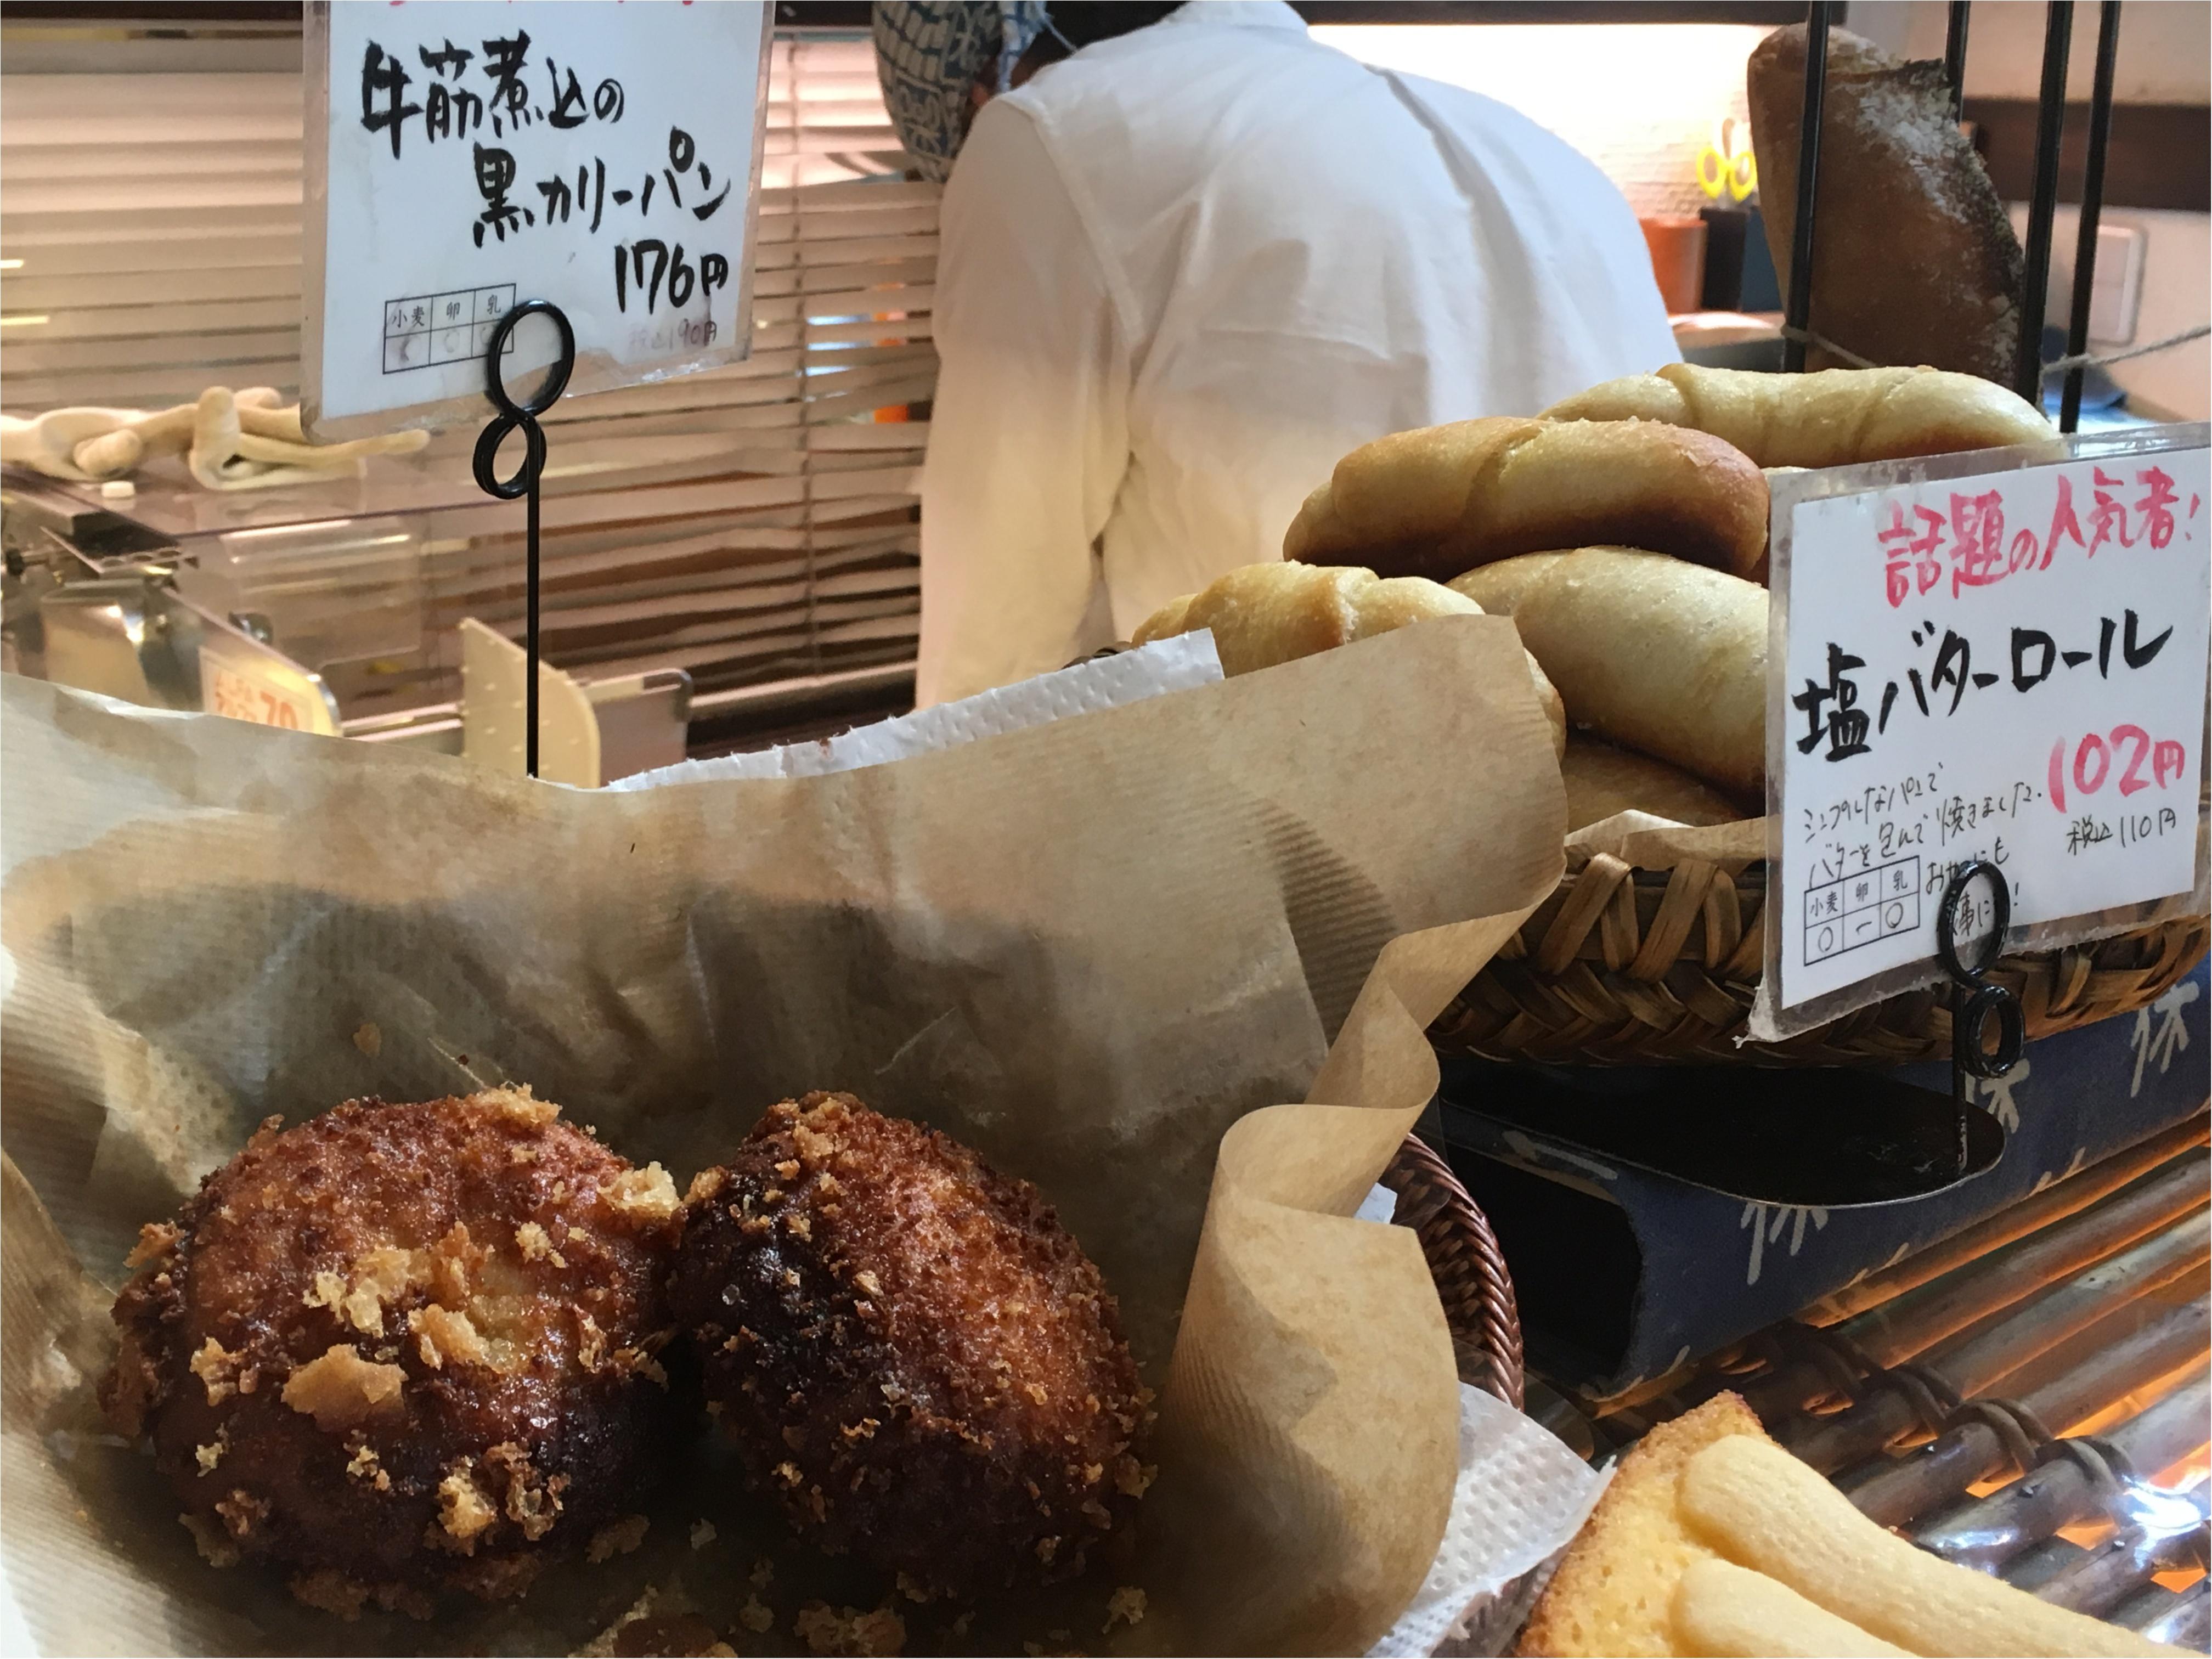 パンマニアおすすめ☆川越の体に優しいパン屋さん_1